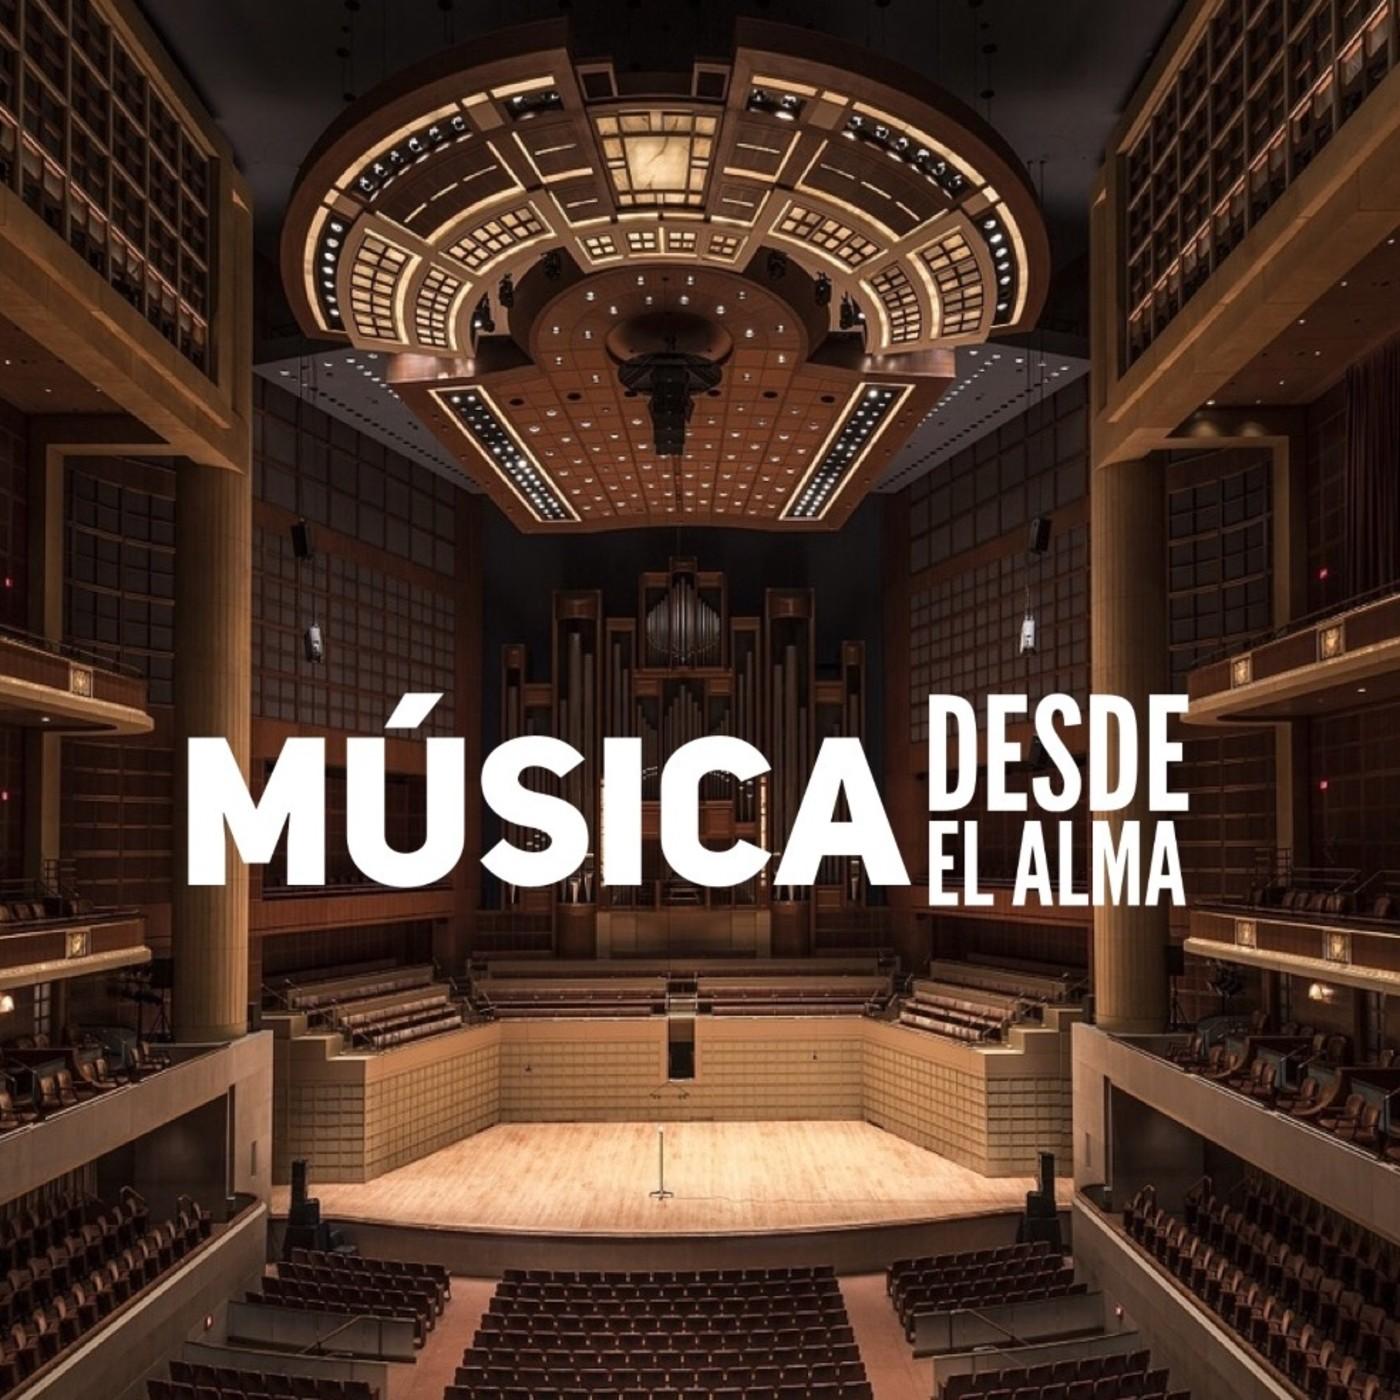 Música Desde el Alma